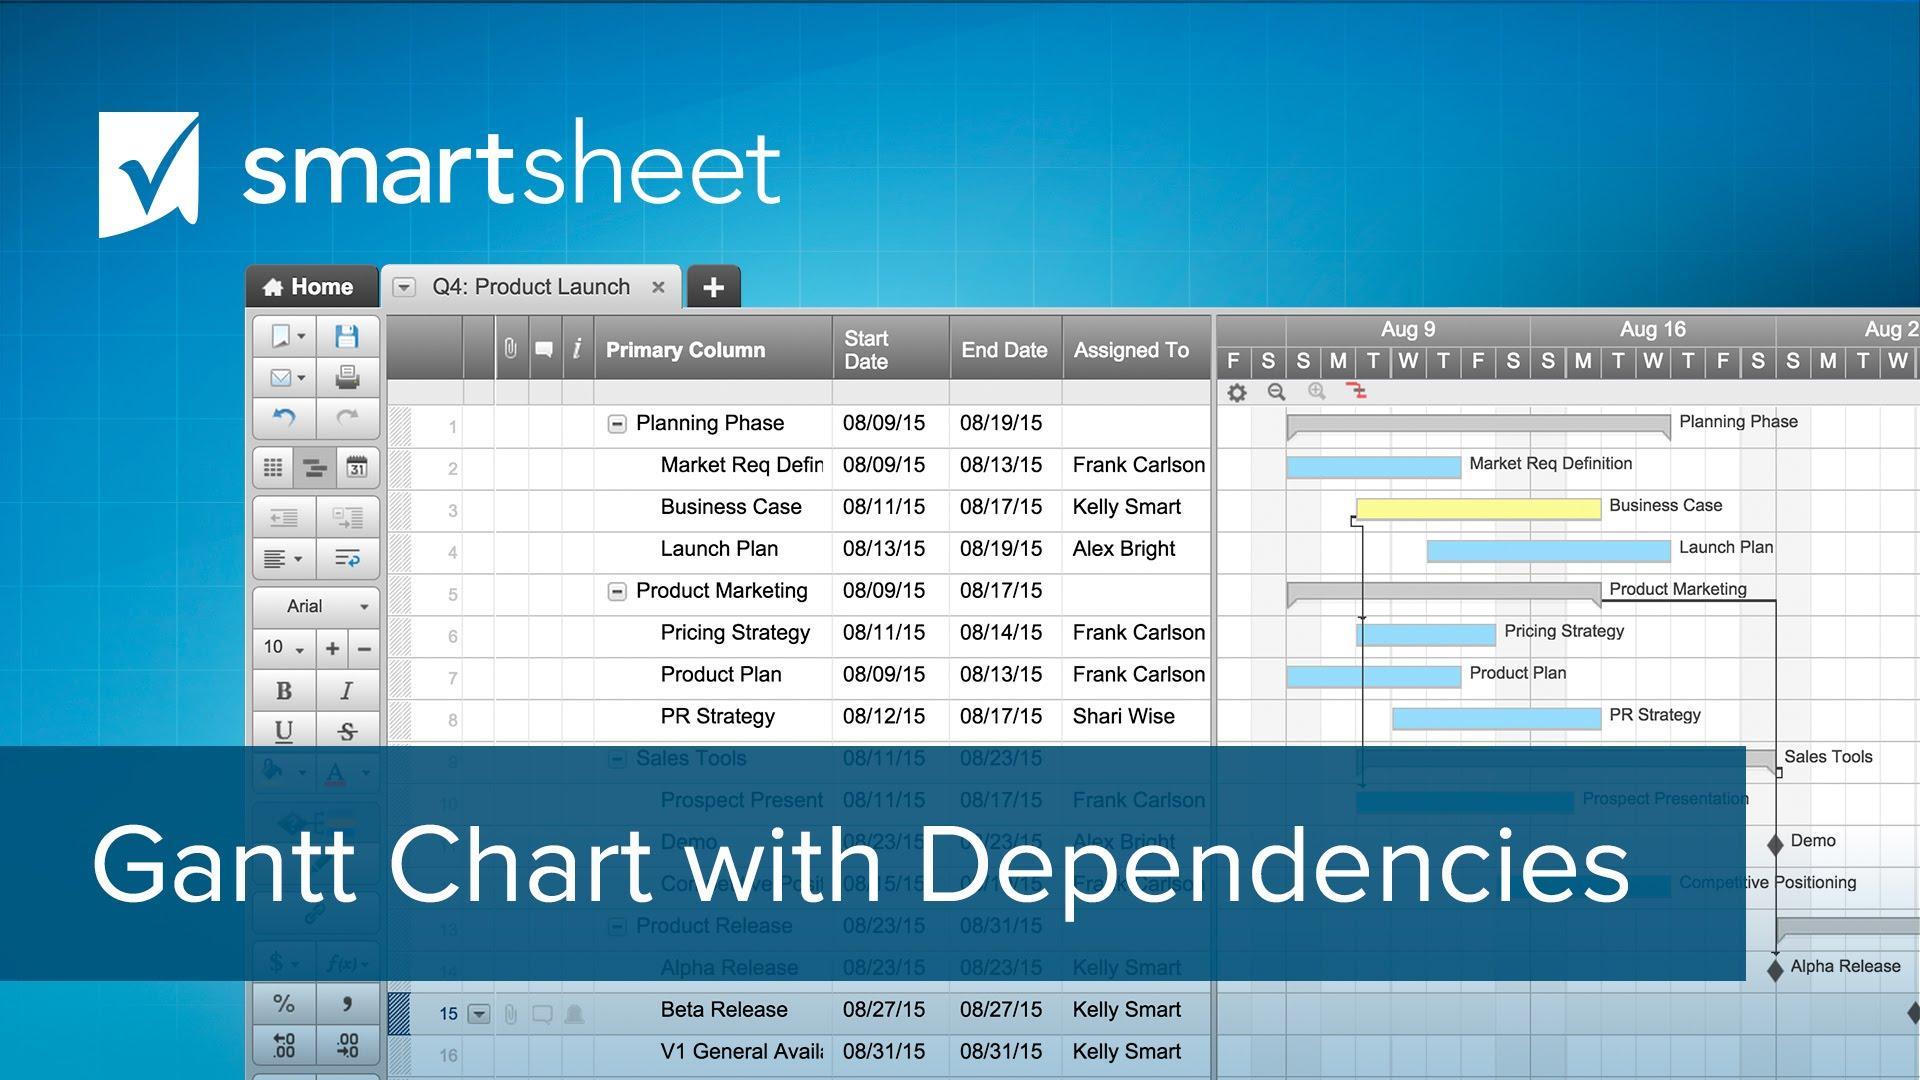 Make a Gantt Chart with Dependencies